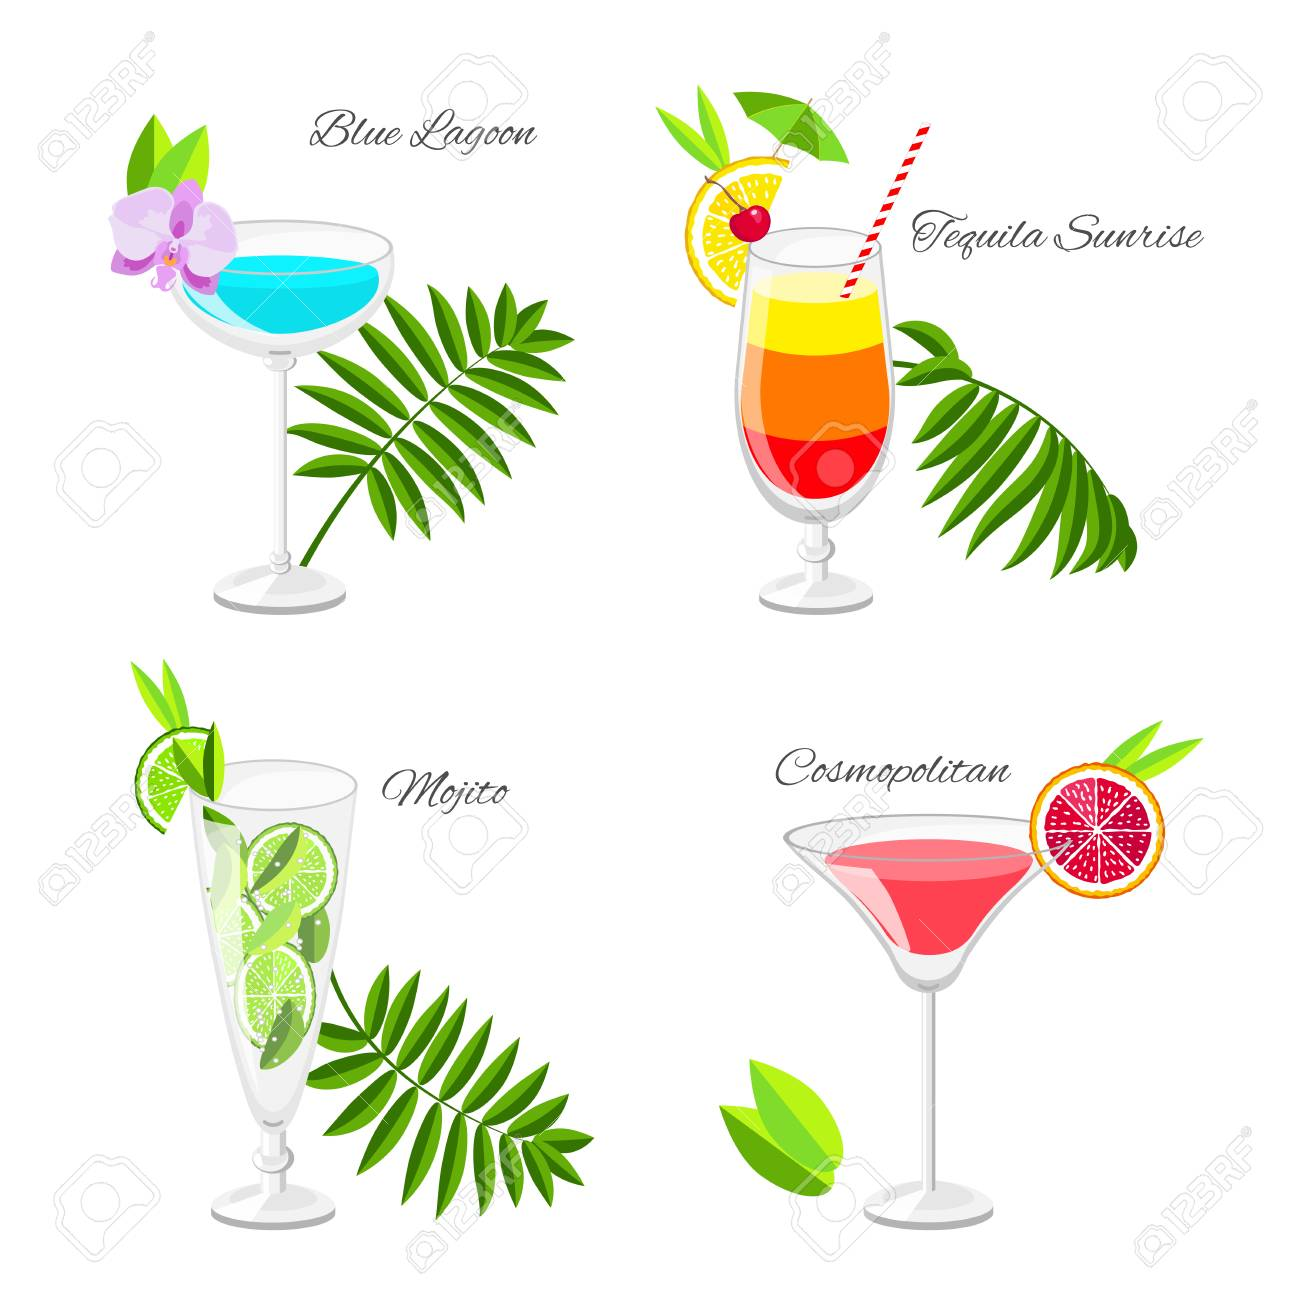 Interior Design For Beliebte Cocktails Photo Of Satz Von Beliebten Mit Früchten Scheiben Und